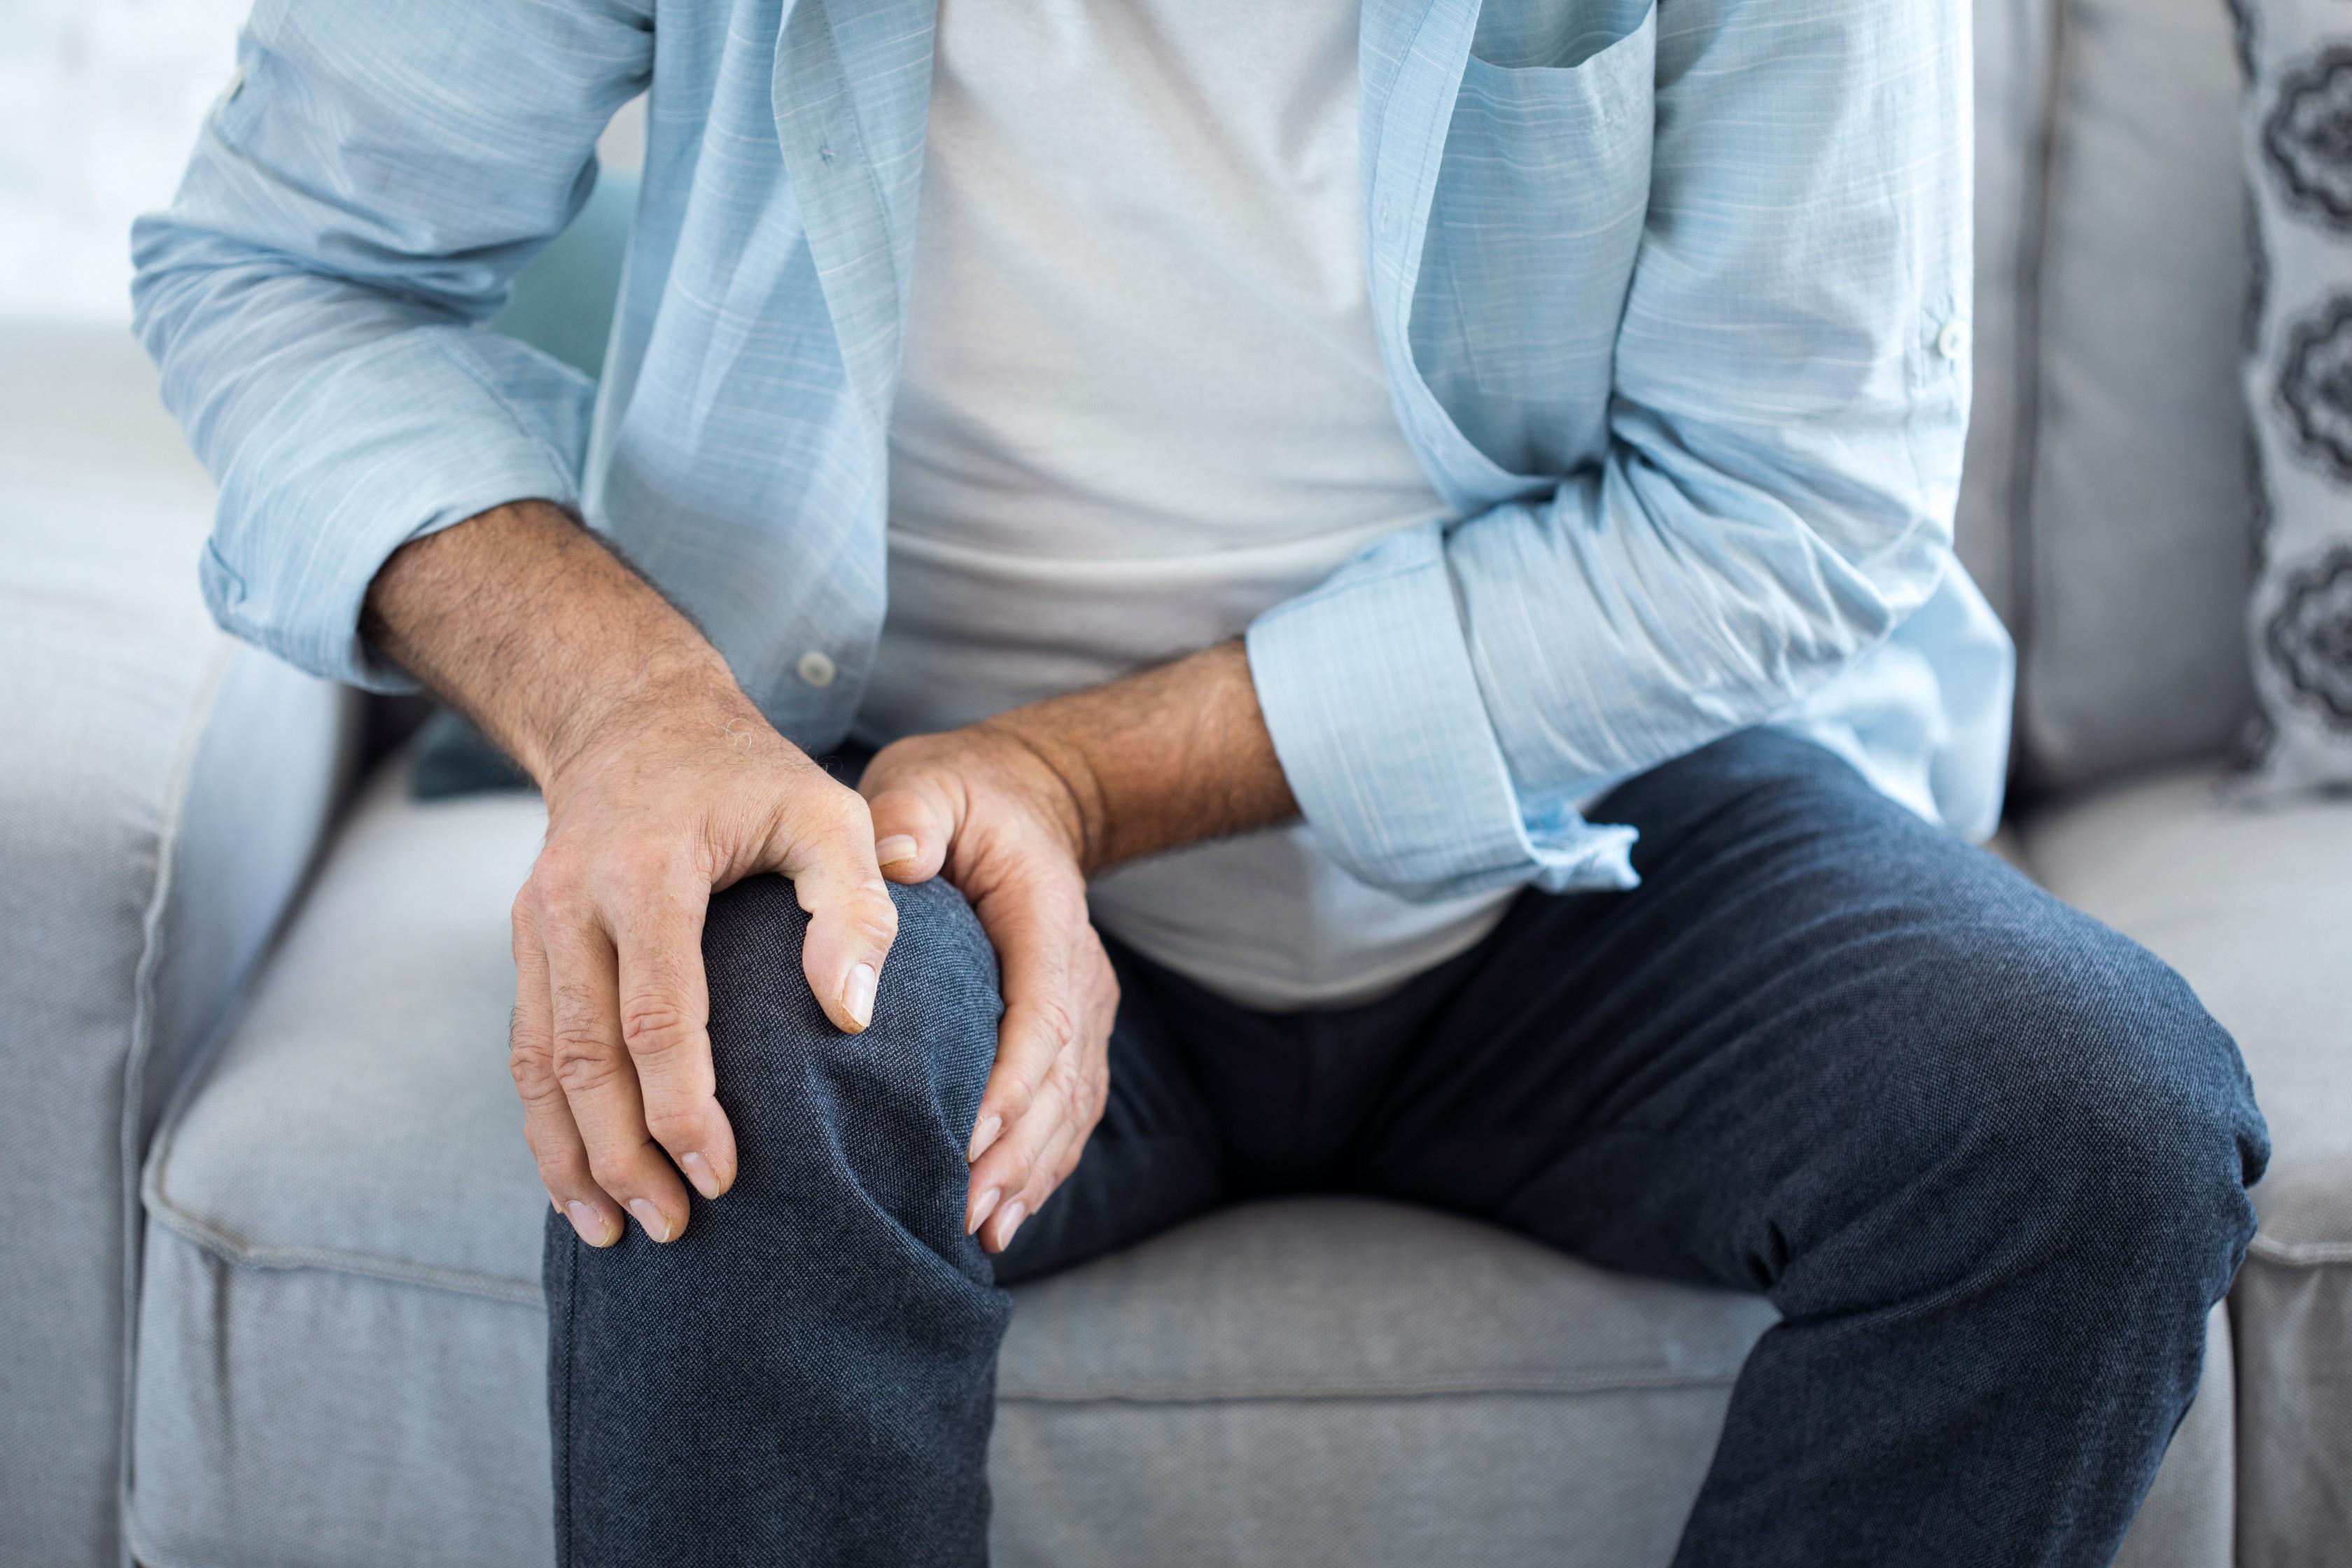 keton a lábak ízületeinek fájdalma érdekében